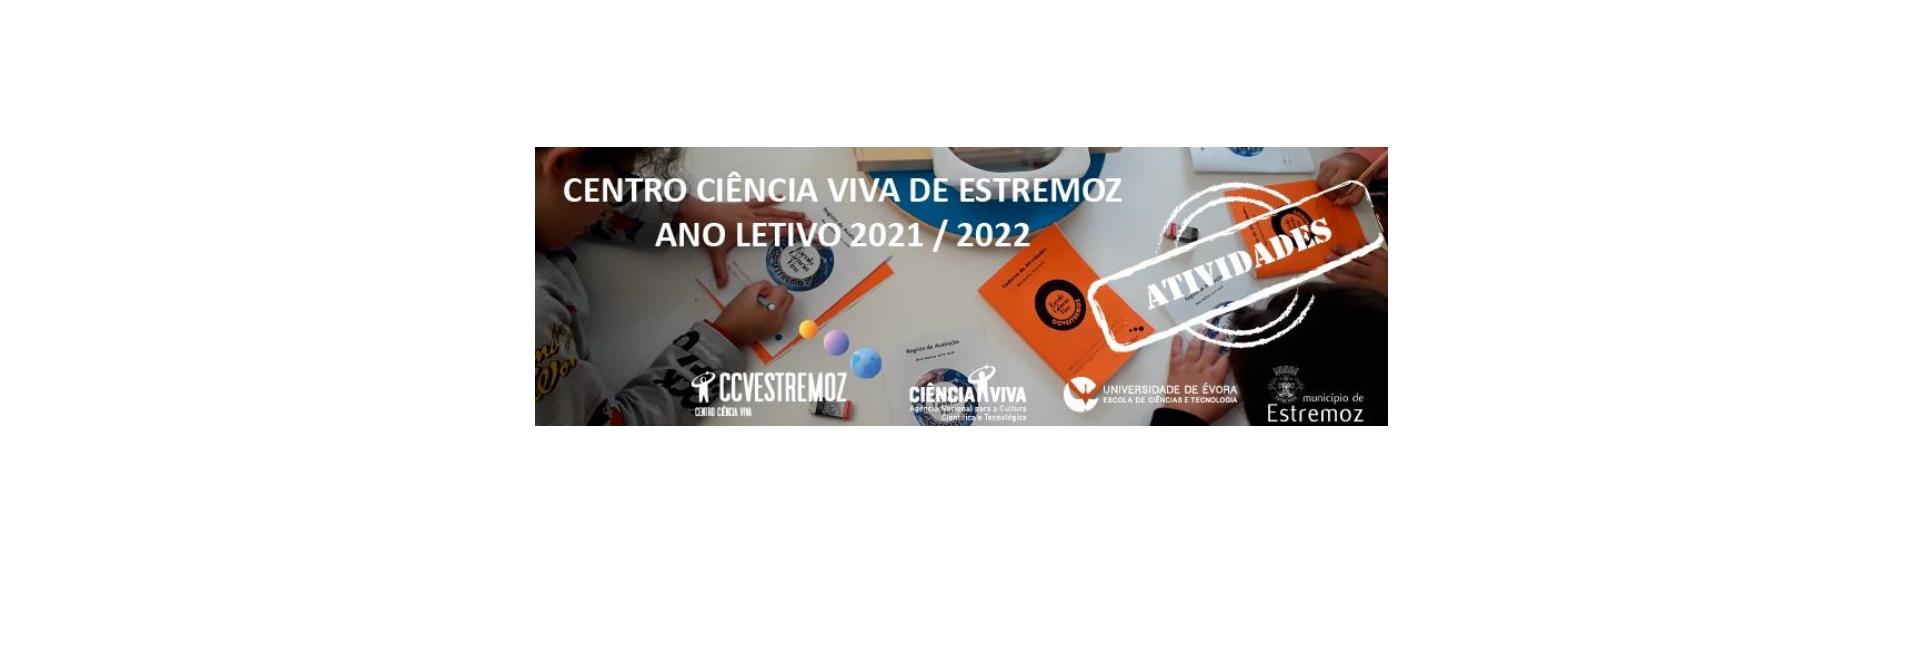 Divulgação Oferta Escolar  CCVEstremoz – Oferta Escolar 2021/2022